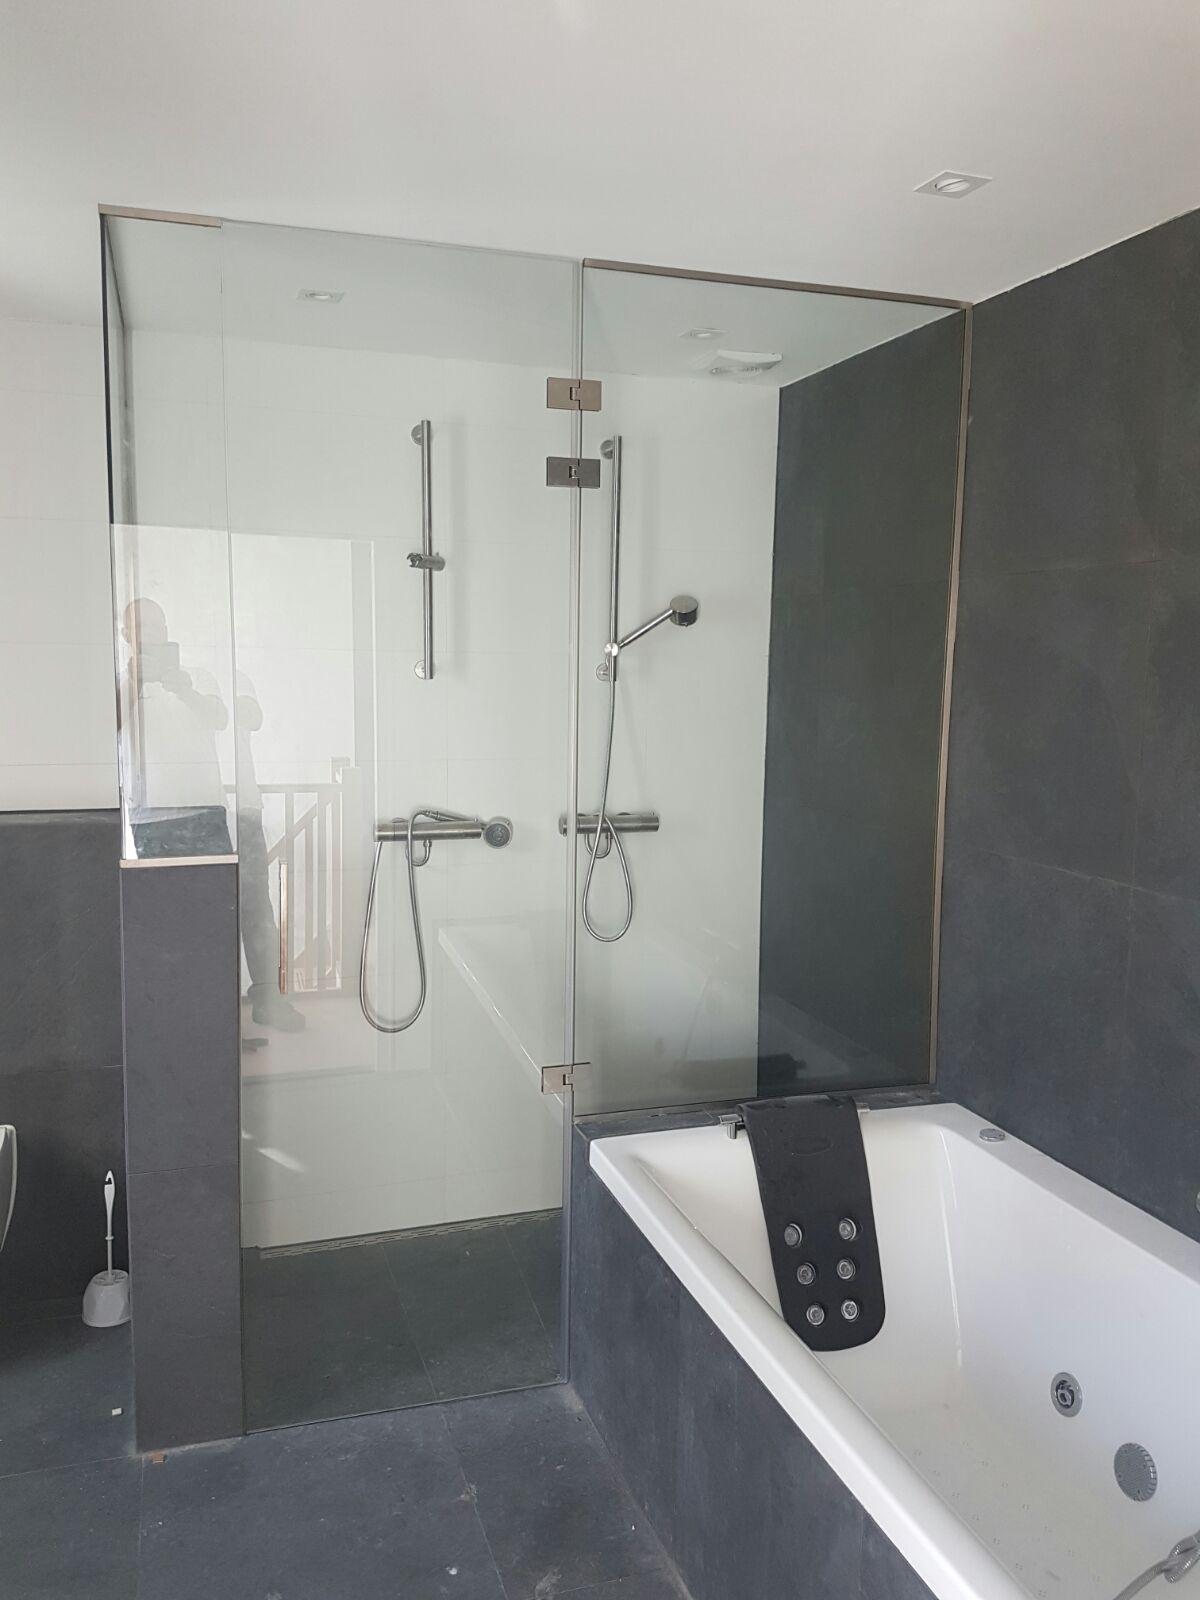 Douchecabine met douchedeur op maat gemaakt  Glasbestellennl